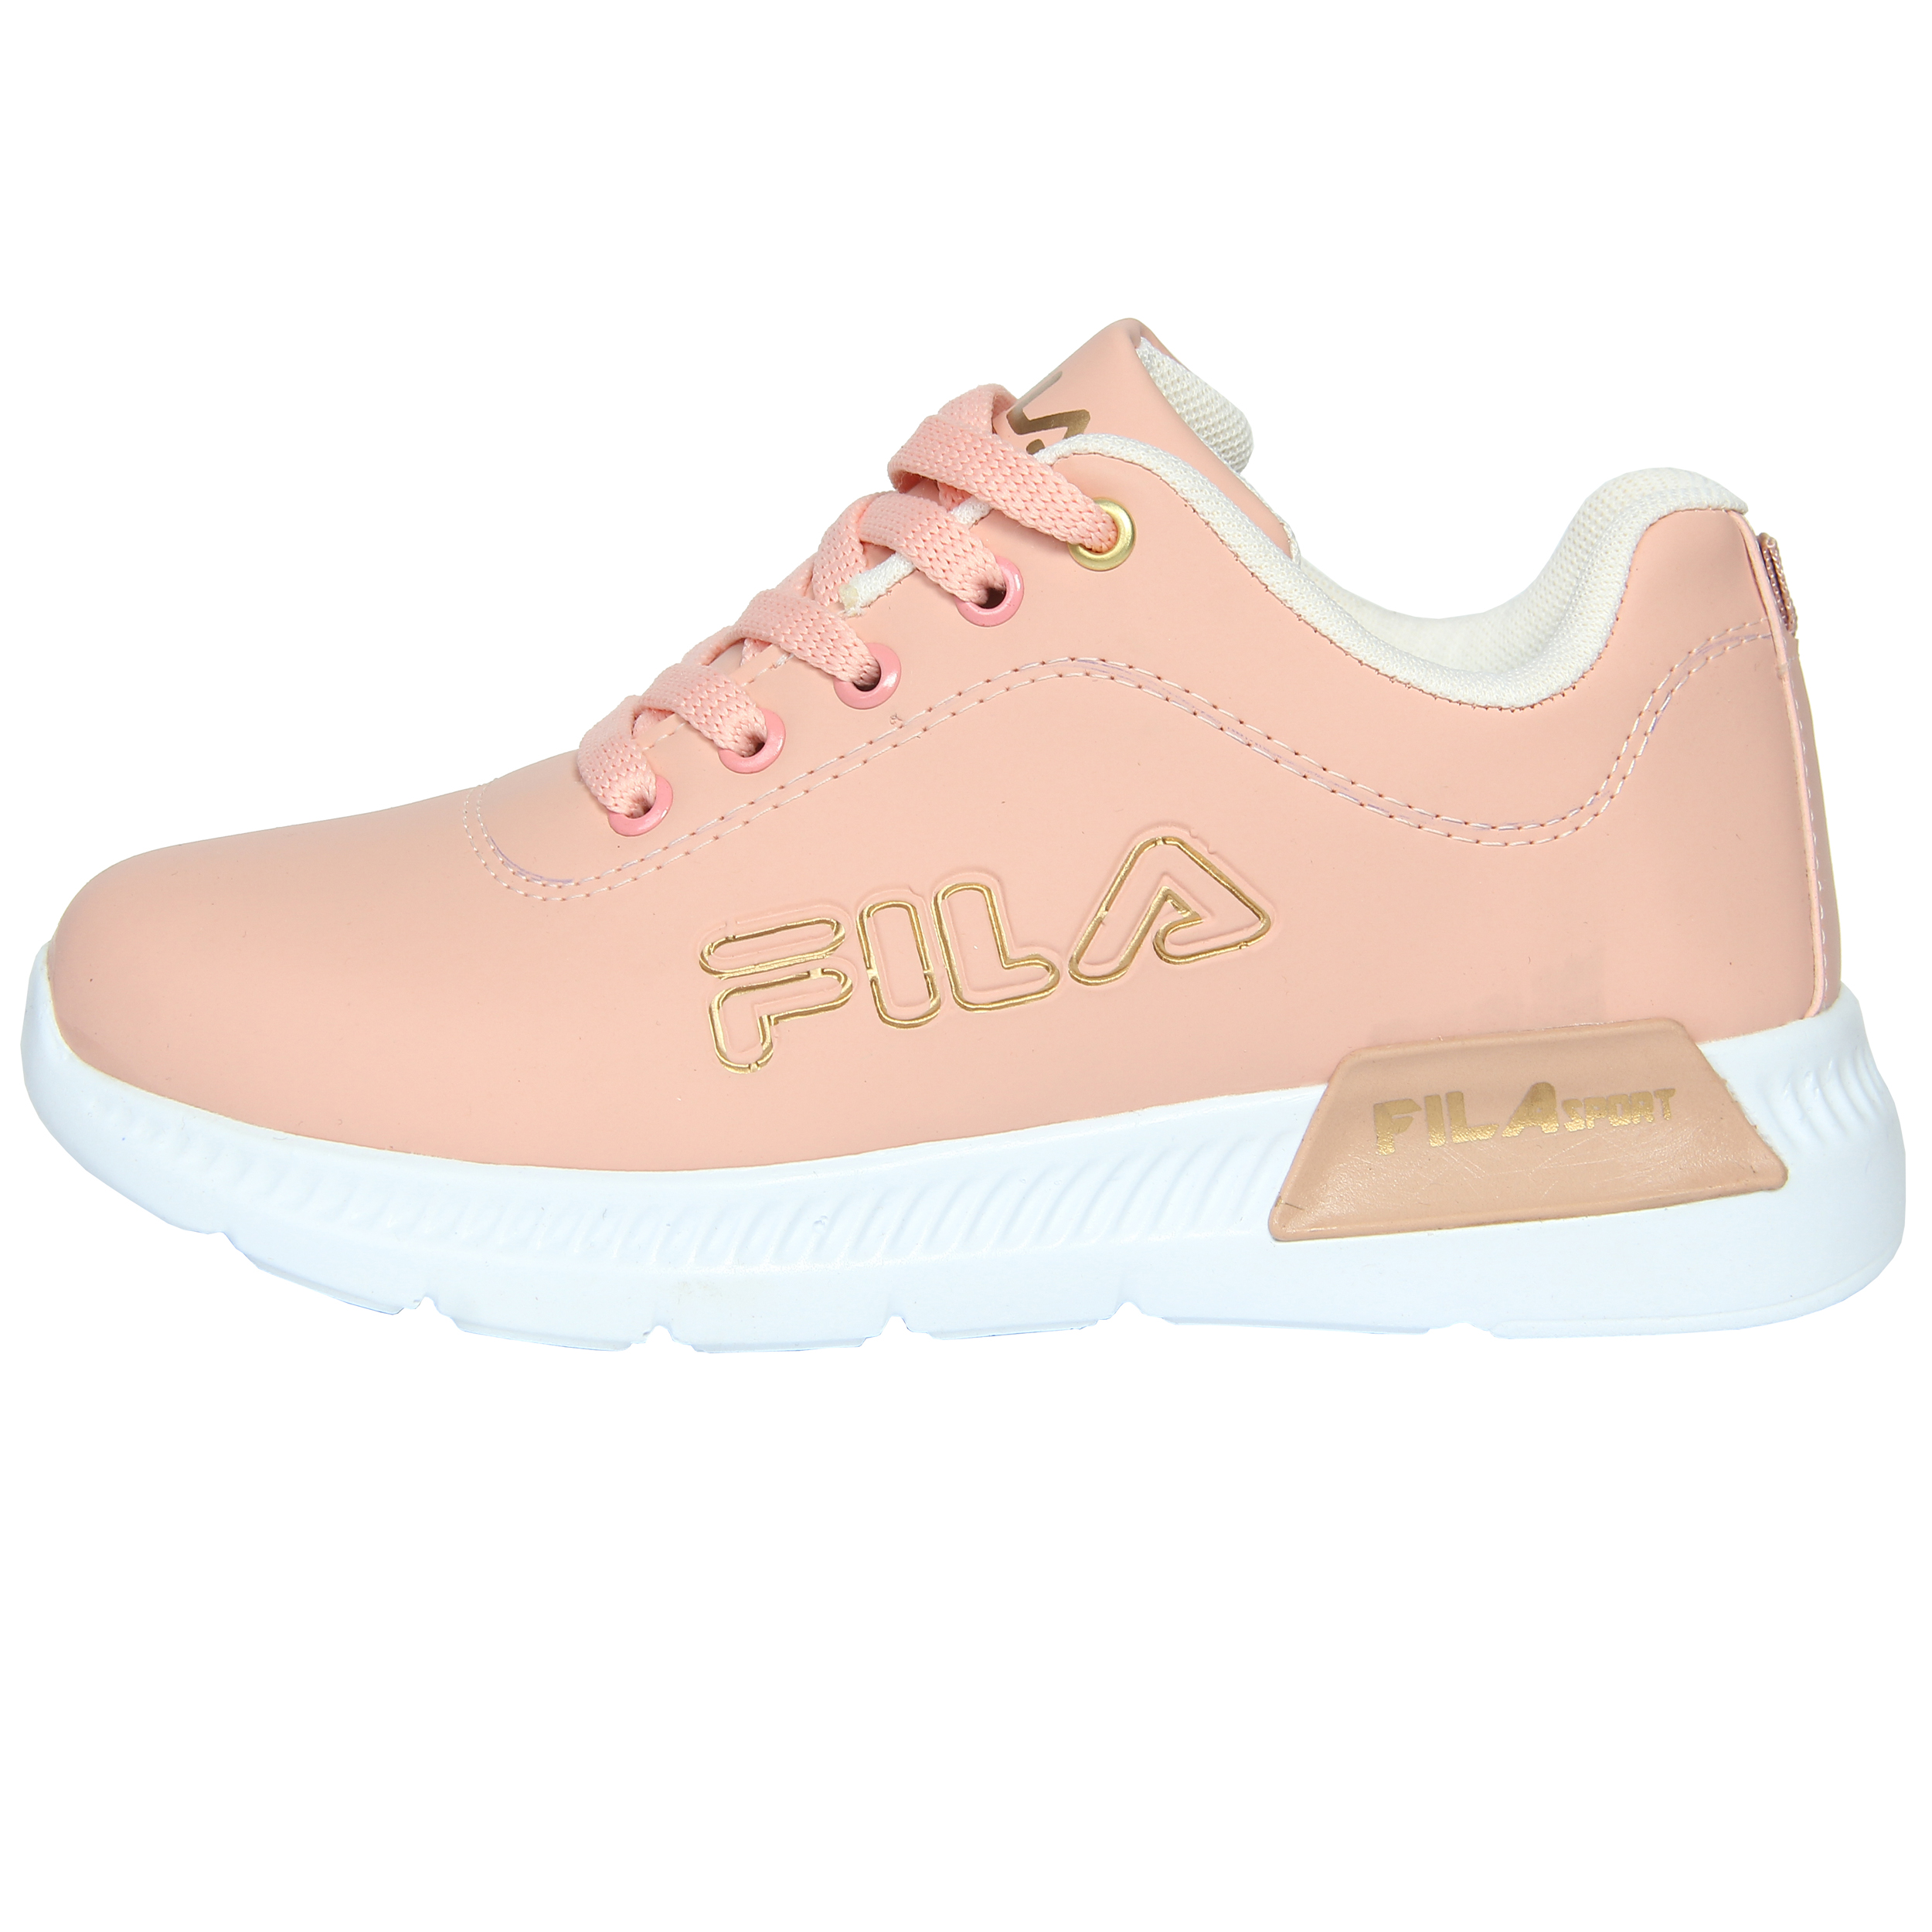 خرید                      کفش پیاده روی مدل ارزو کد 585